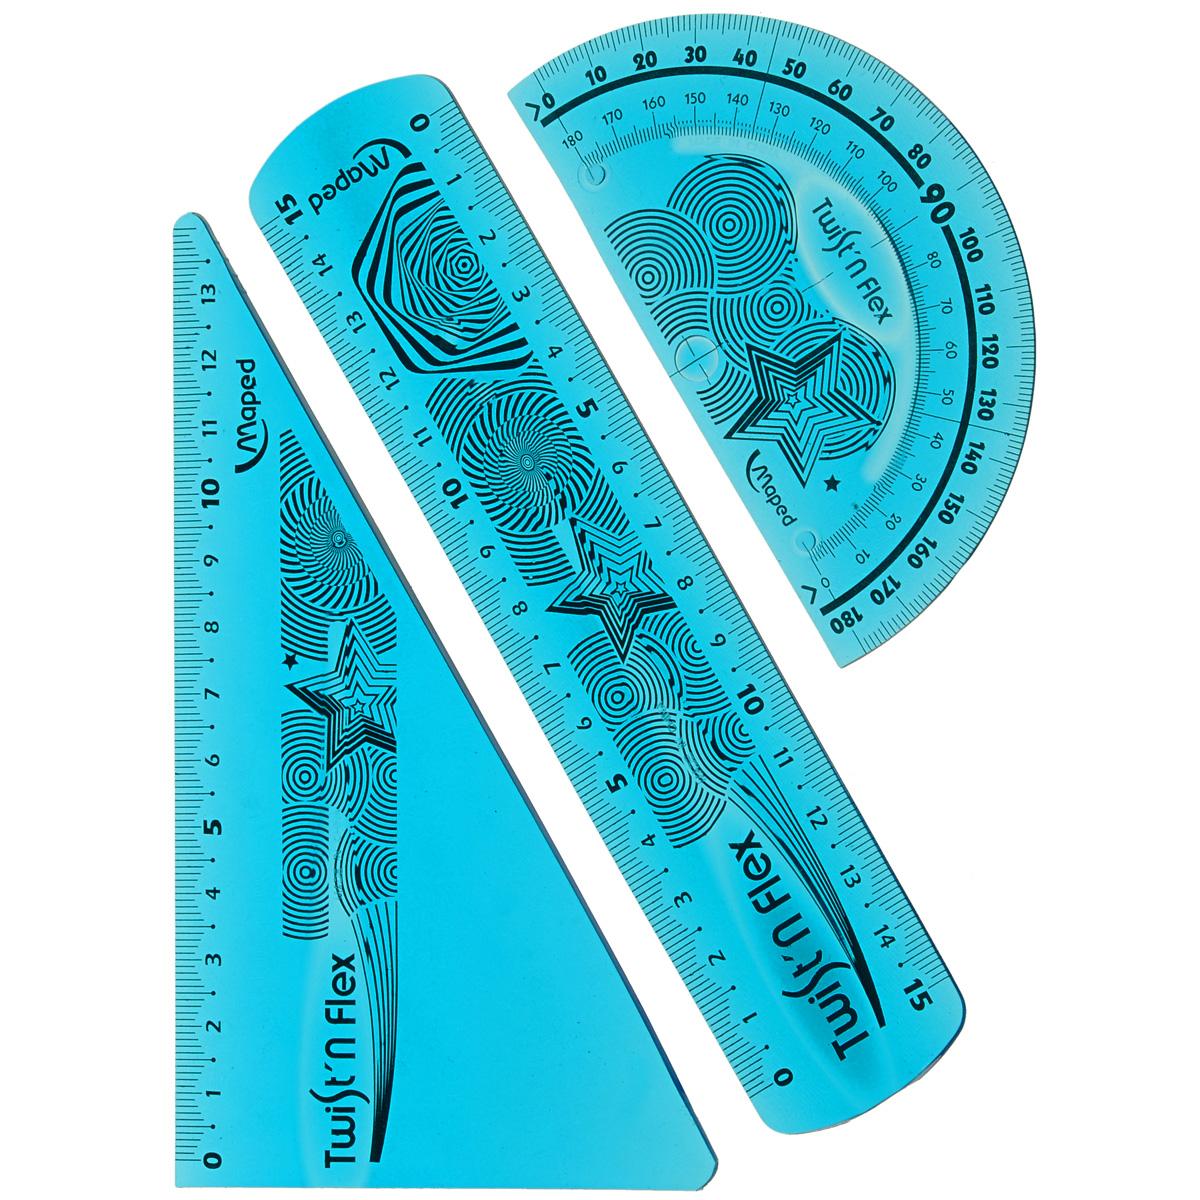 Геометрический набор Maped Twistn Flex, цвет: голубой, 3 предмета8950240_голубойГеометрический набор Maped Twistn Flex, выполненный из яркого гибкого пластика, можно носить повсюду.Набор состоит из трех предметов: линейки на 15 сантиметров, транспортира на 180 градусов и угольника (60°; 13 см). Разметка шкалы нанесена на внутреннюю поверхность чертежных принадлежностей, что предотвращает ее истирание.Каждый чертежный инструмент имеет свои функциональные особенности, что делает работу с ними особенно удобной и легкой.